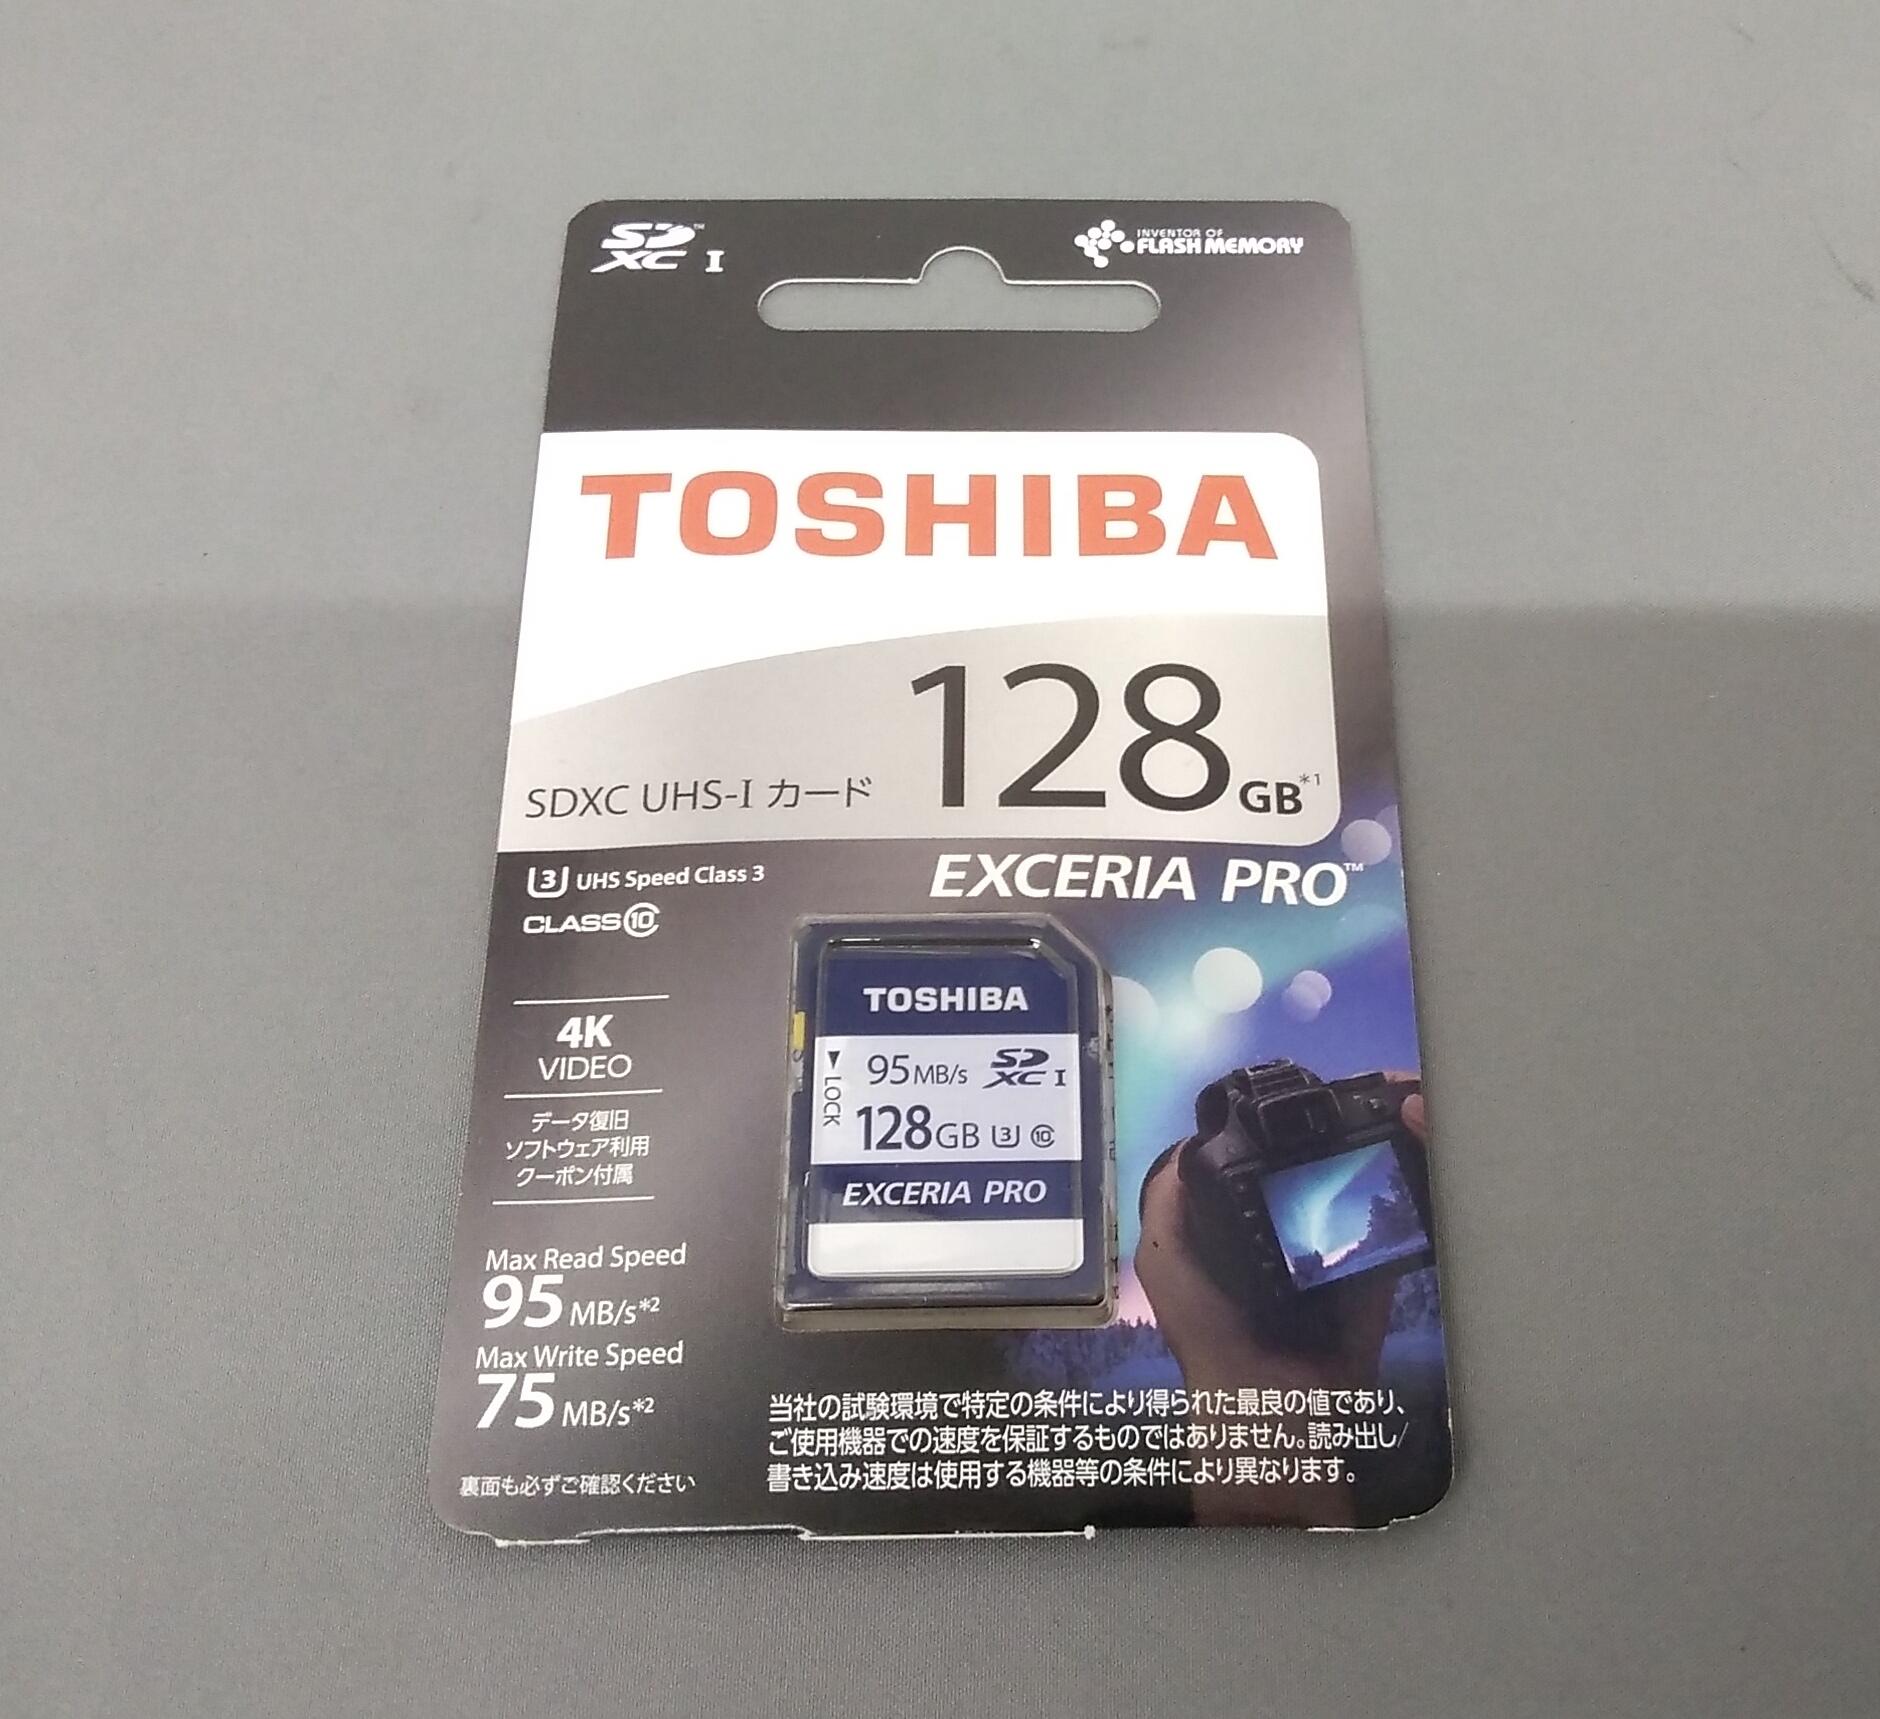 SDXCメモリーカード TOSHIBA